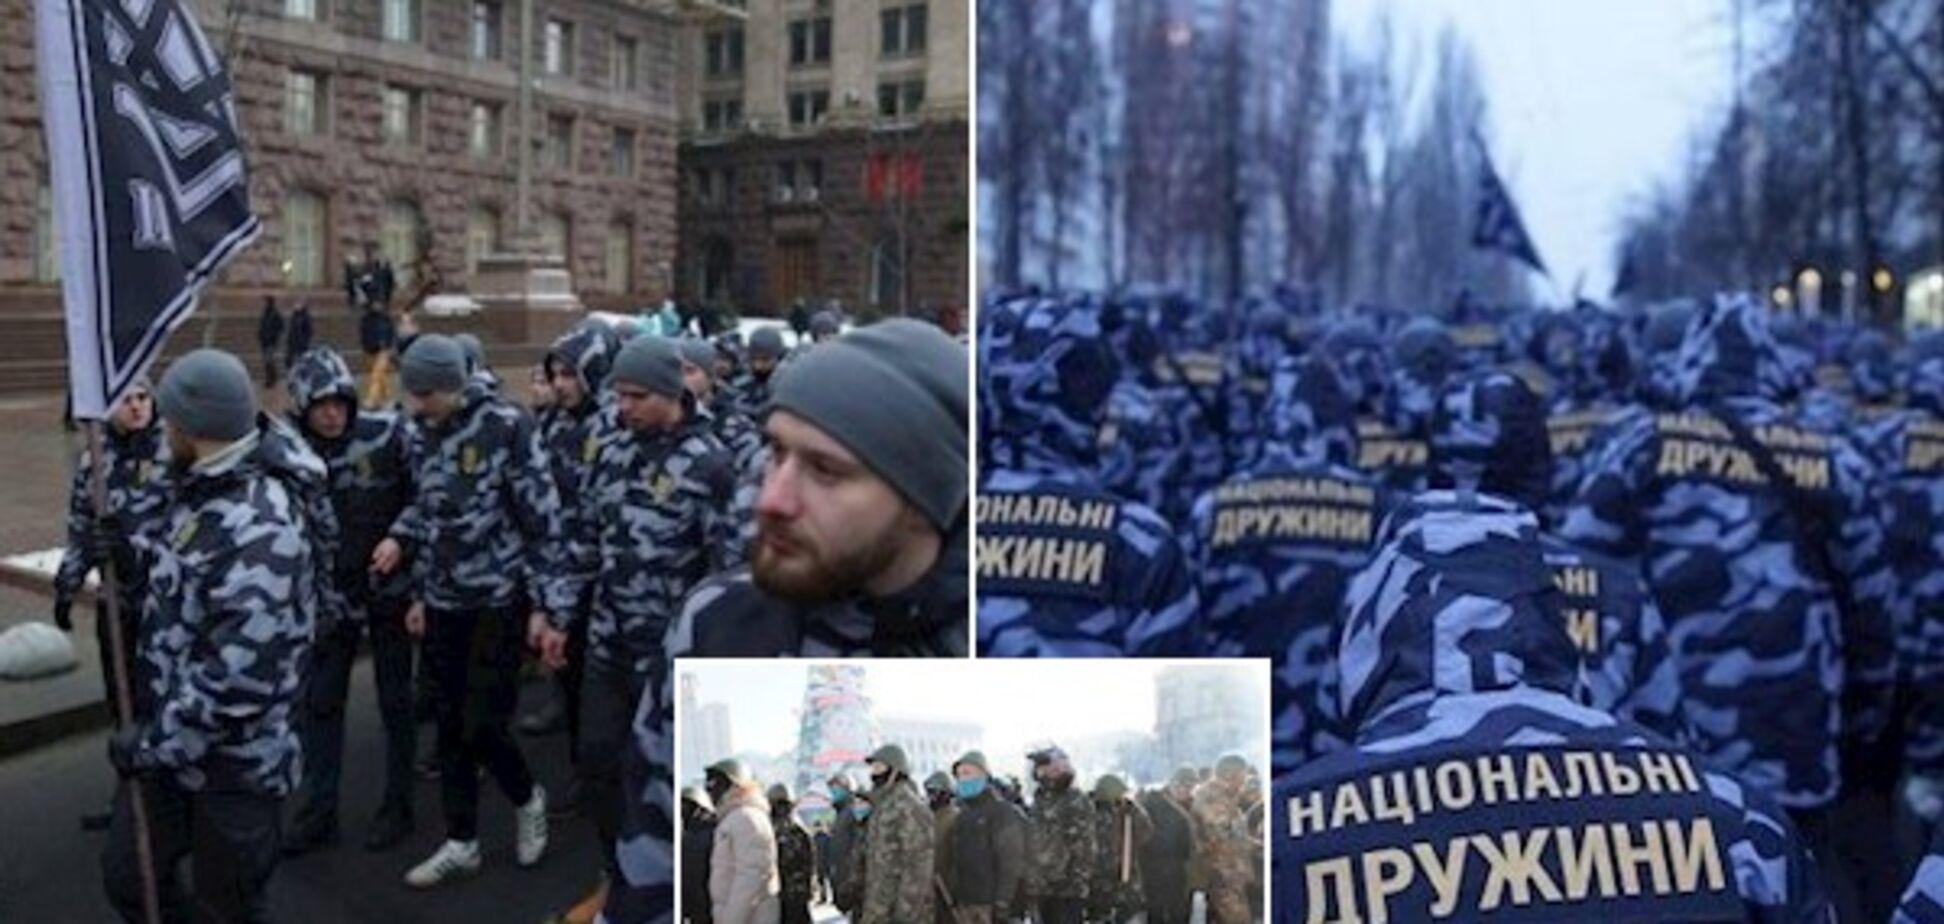 Як член з пальцем: 'Національні дружини' закликали не порівнювати з самообороною Майдану